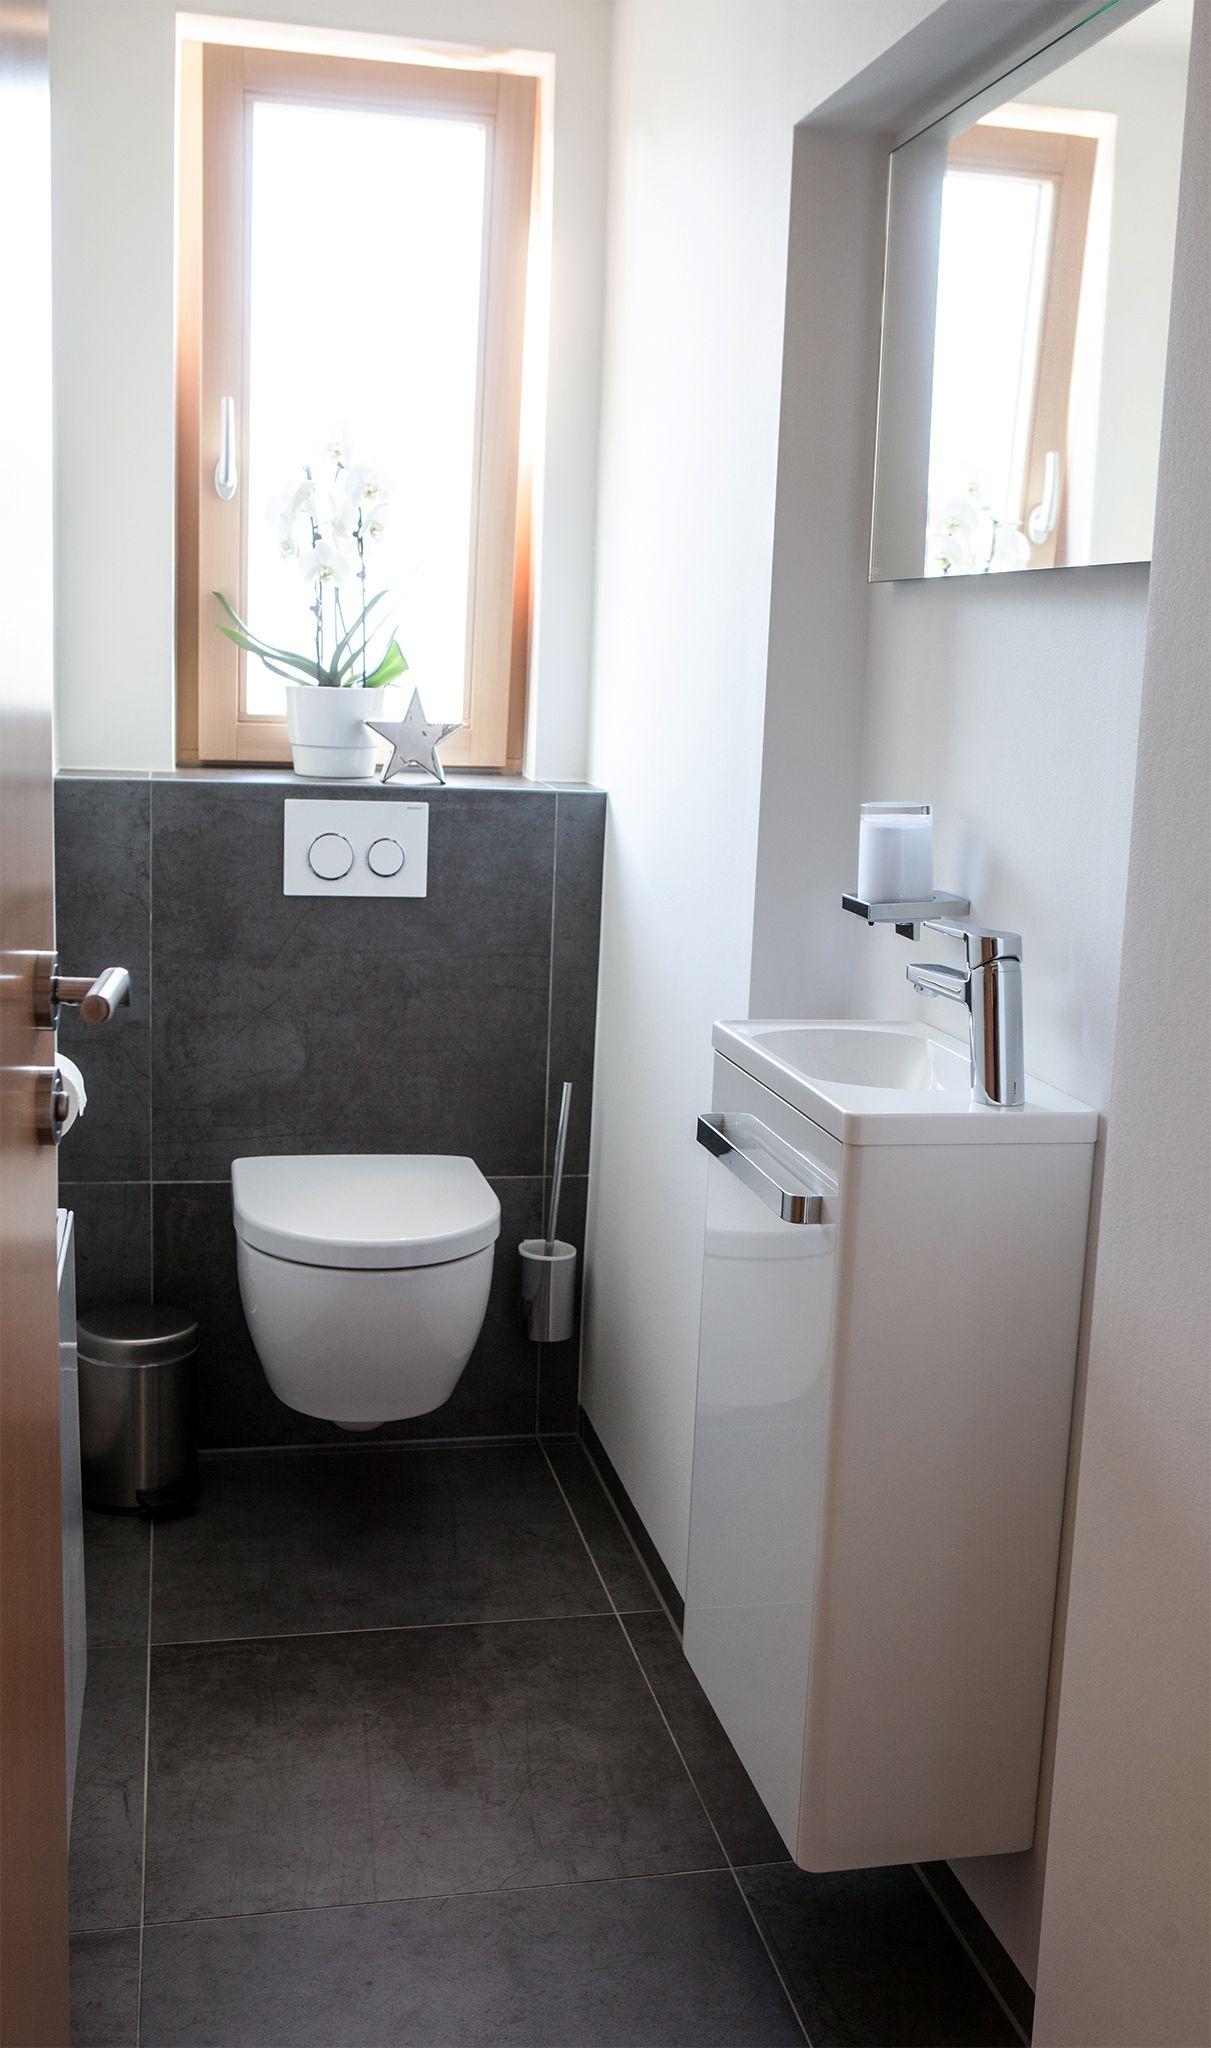 Gästetoilette sanieren 6 Tipps für ein barrierefreies WC ...